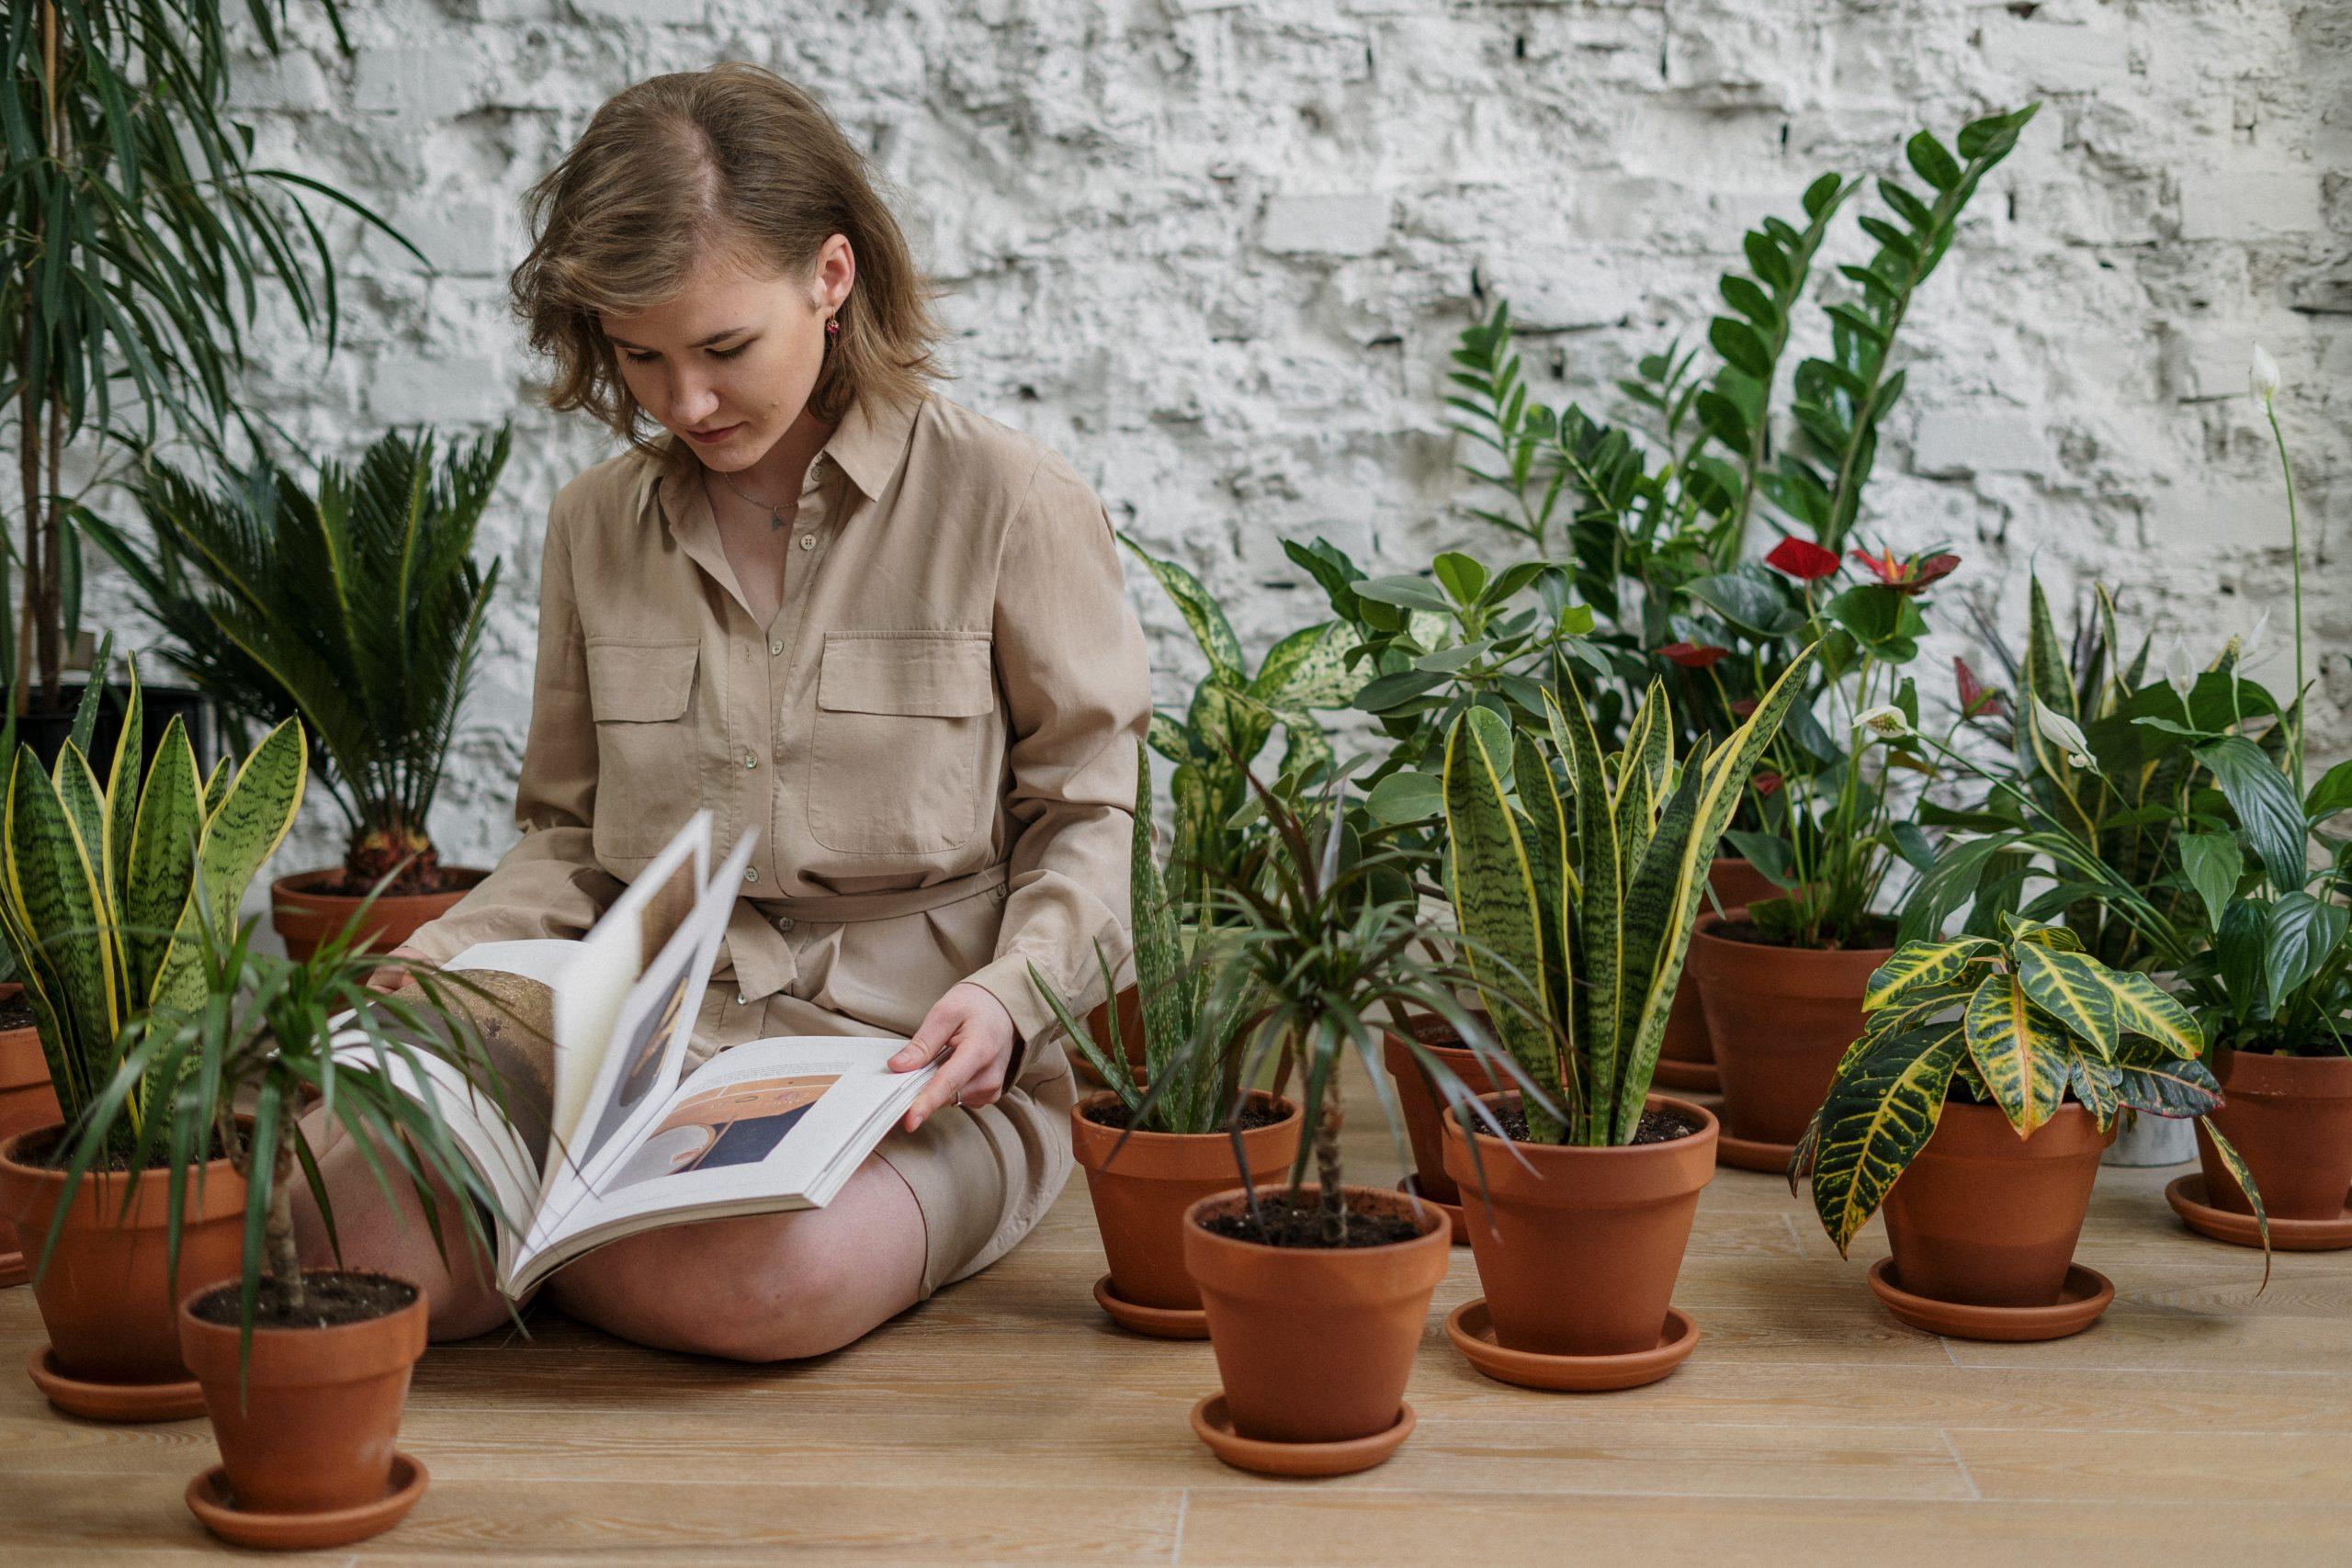 Agrémentez votre intérieur de plantes vertes permet de faire entrer un peu de nature chez vous.